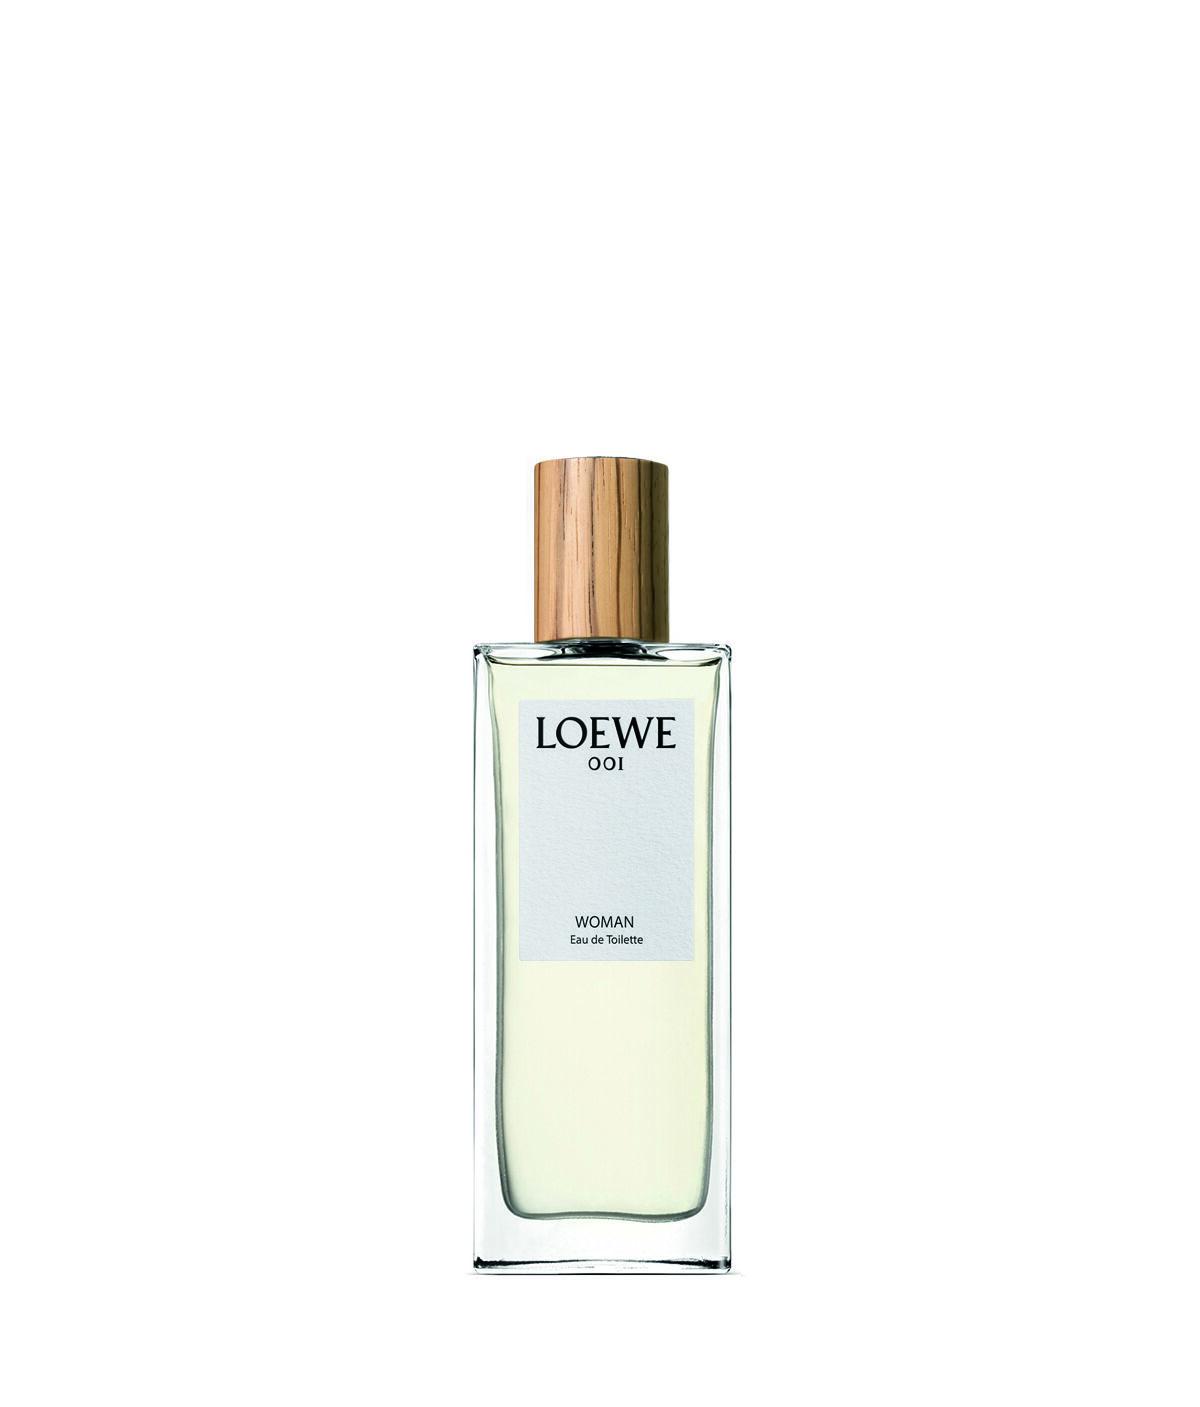 LOEWE Loewe 001 Woman Edt 50Ml Sin Color all